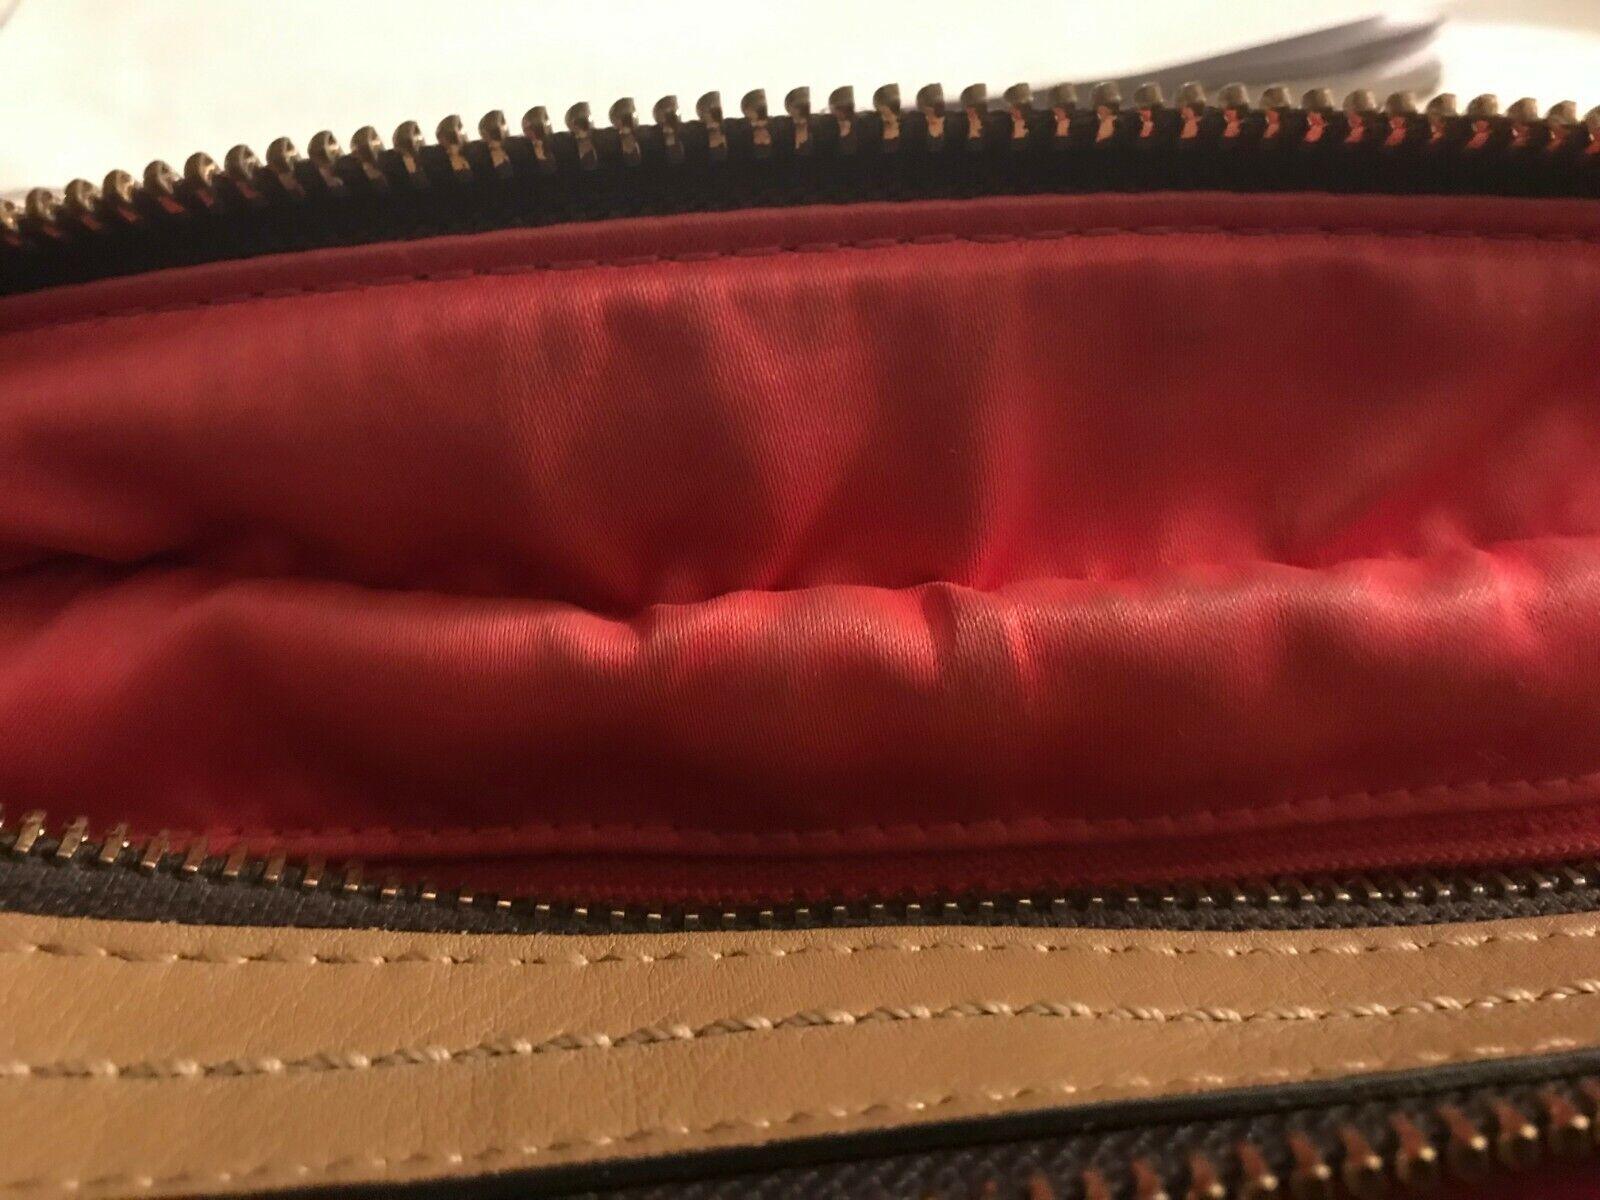 Vintage Bonnie Satchel Bag by COACH - image 8